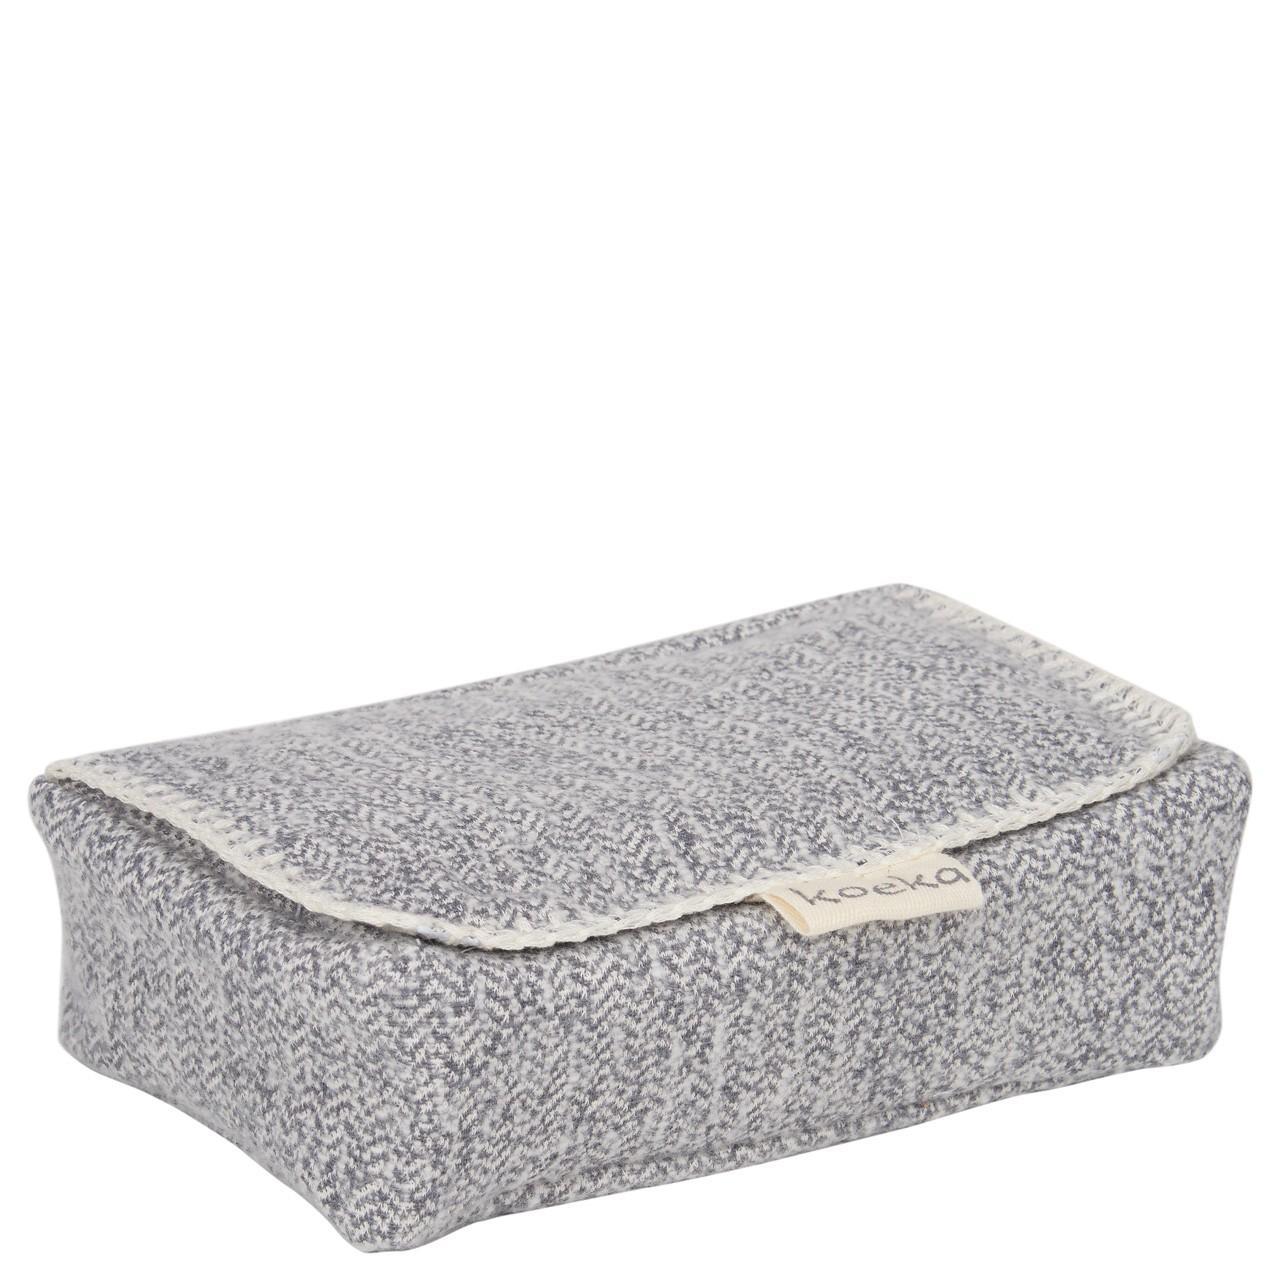 Koeka - Hoes Voor Babydoekjes Vigo Sparkle Grey